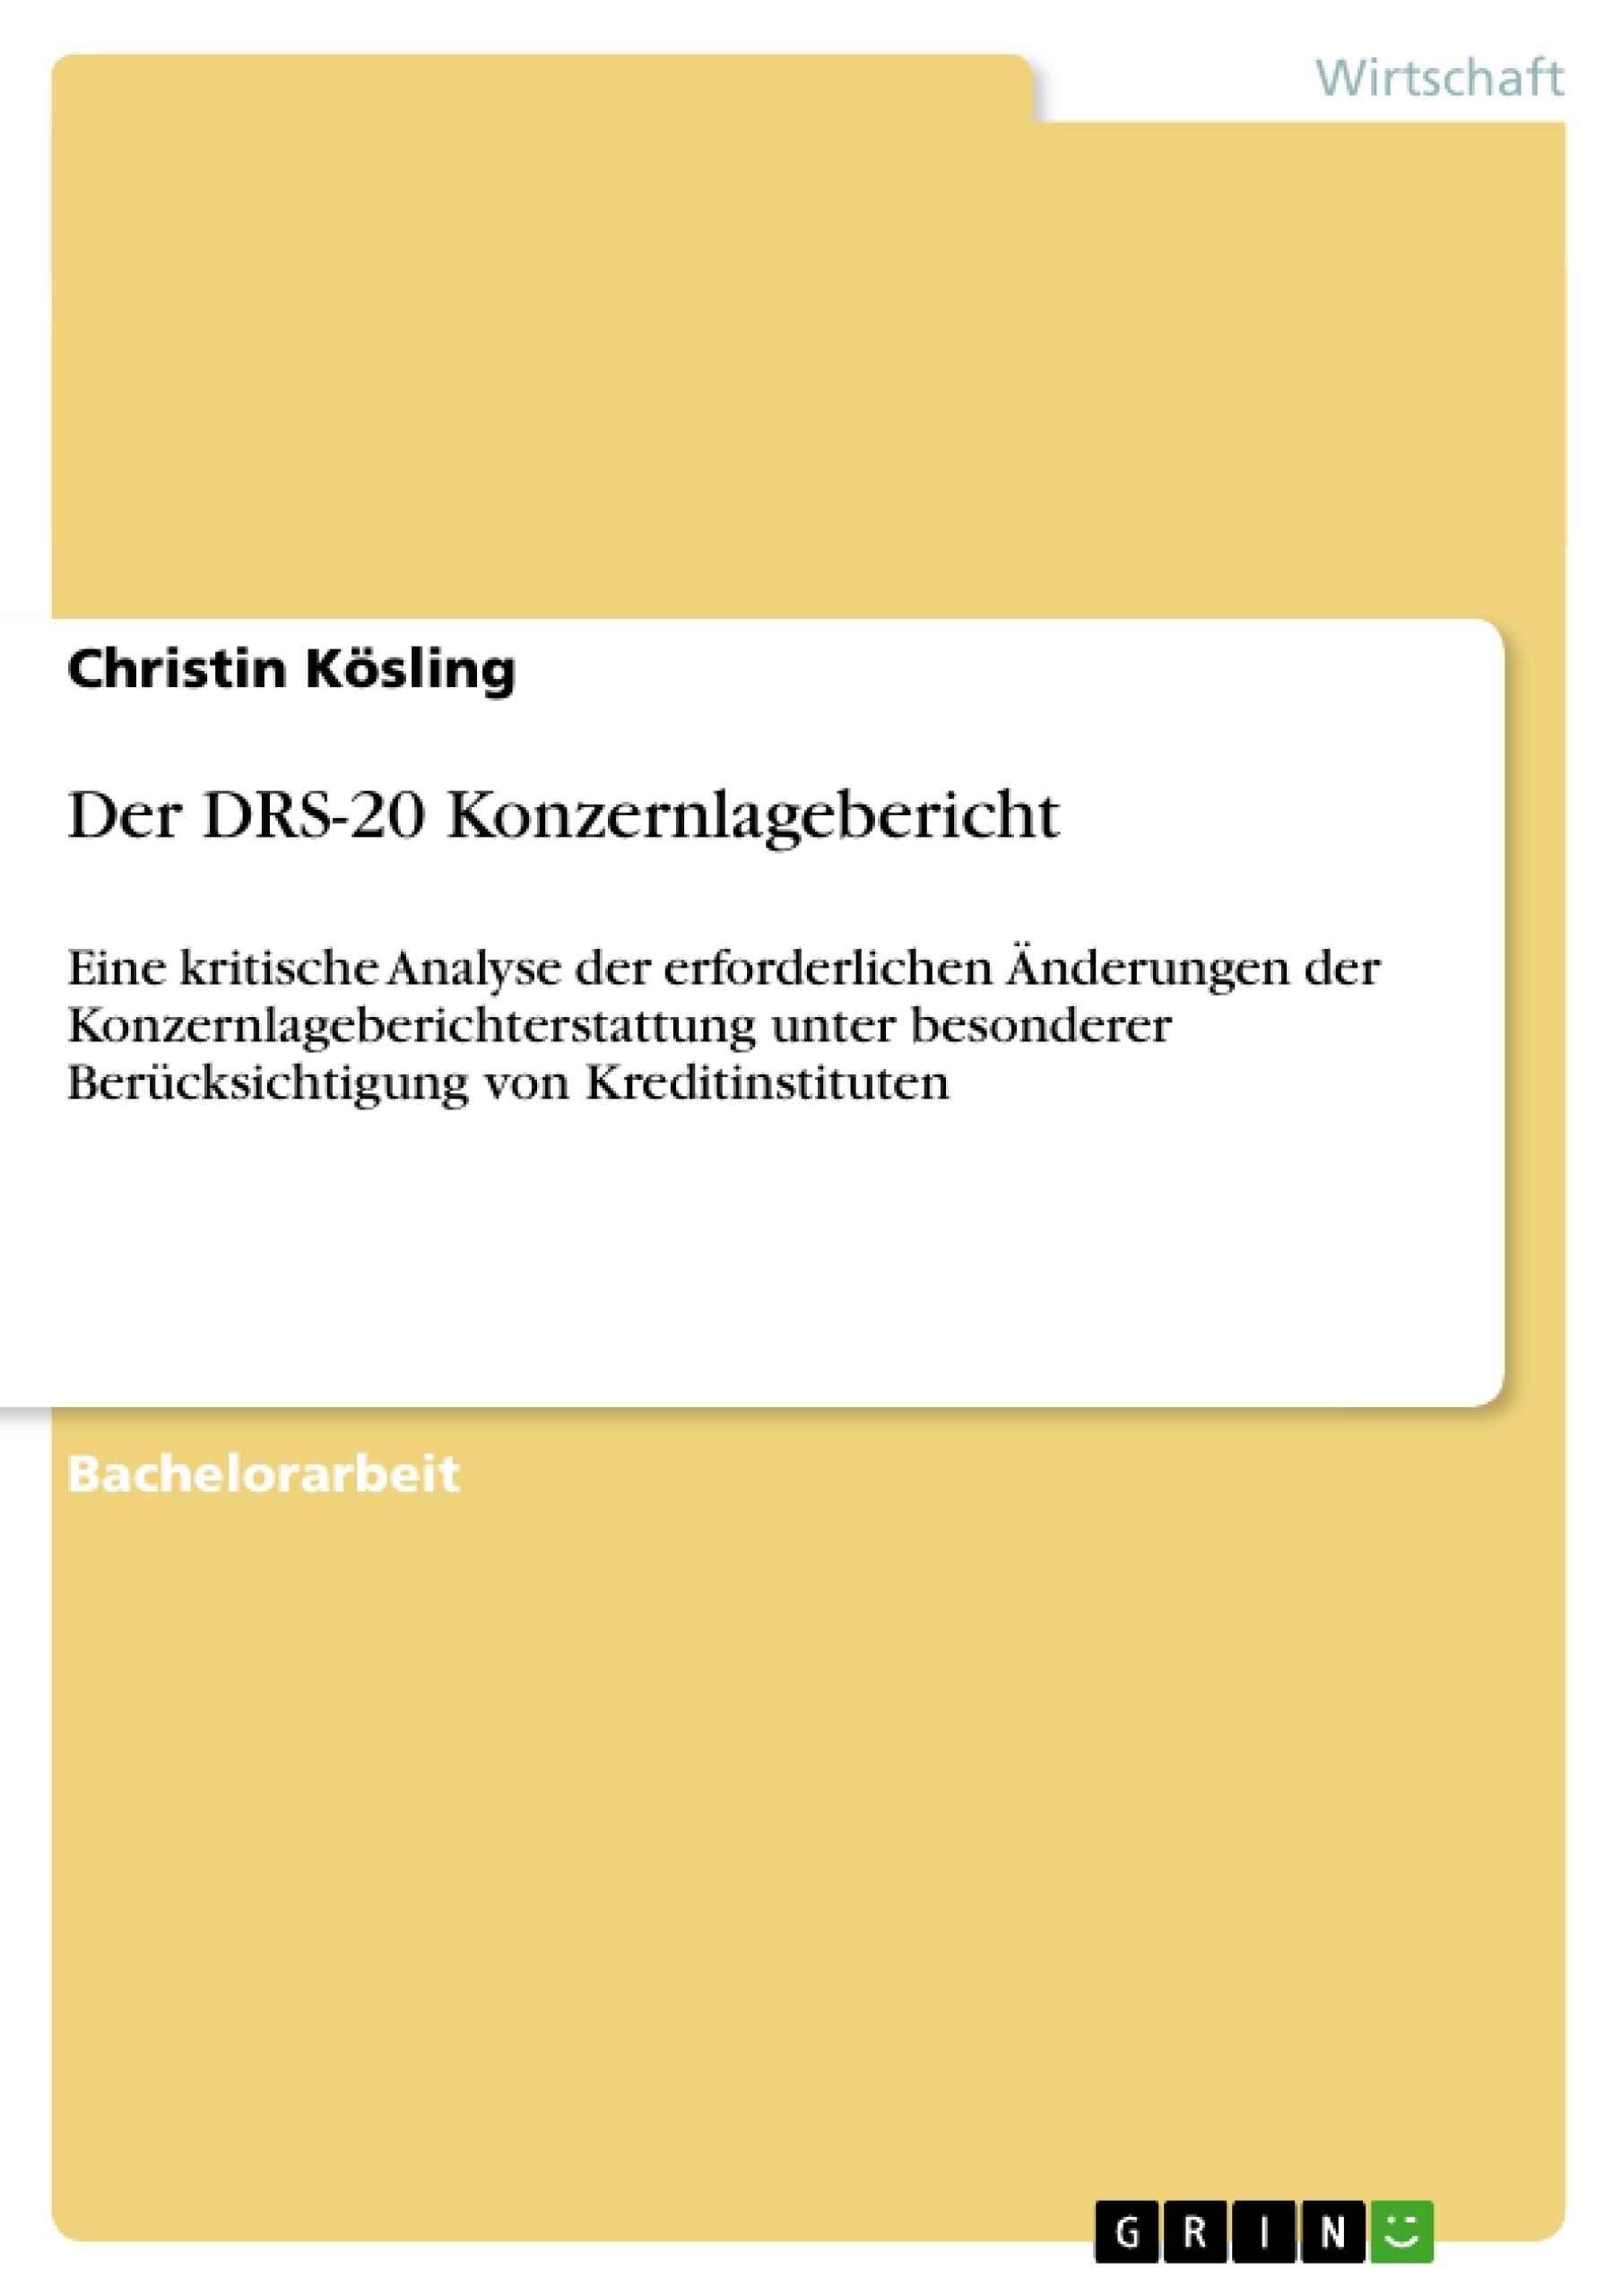 Titel: Der DRS-20 Konzernlagebericht